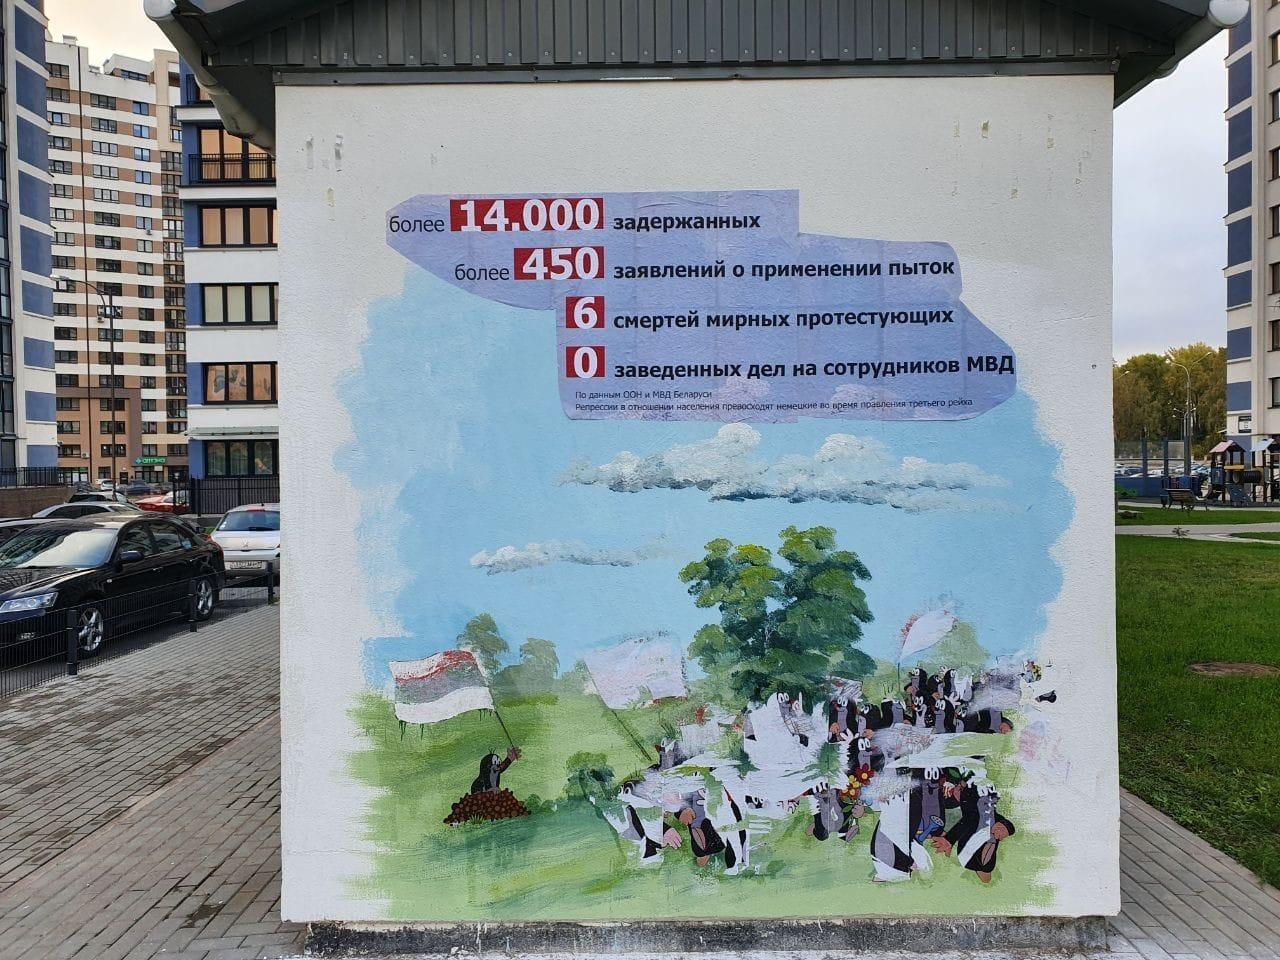 Solidarity Belarus, Photo: Ulyana Nevzorova Krtek series in public space 2020